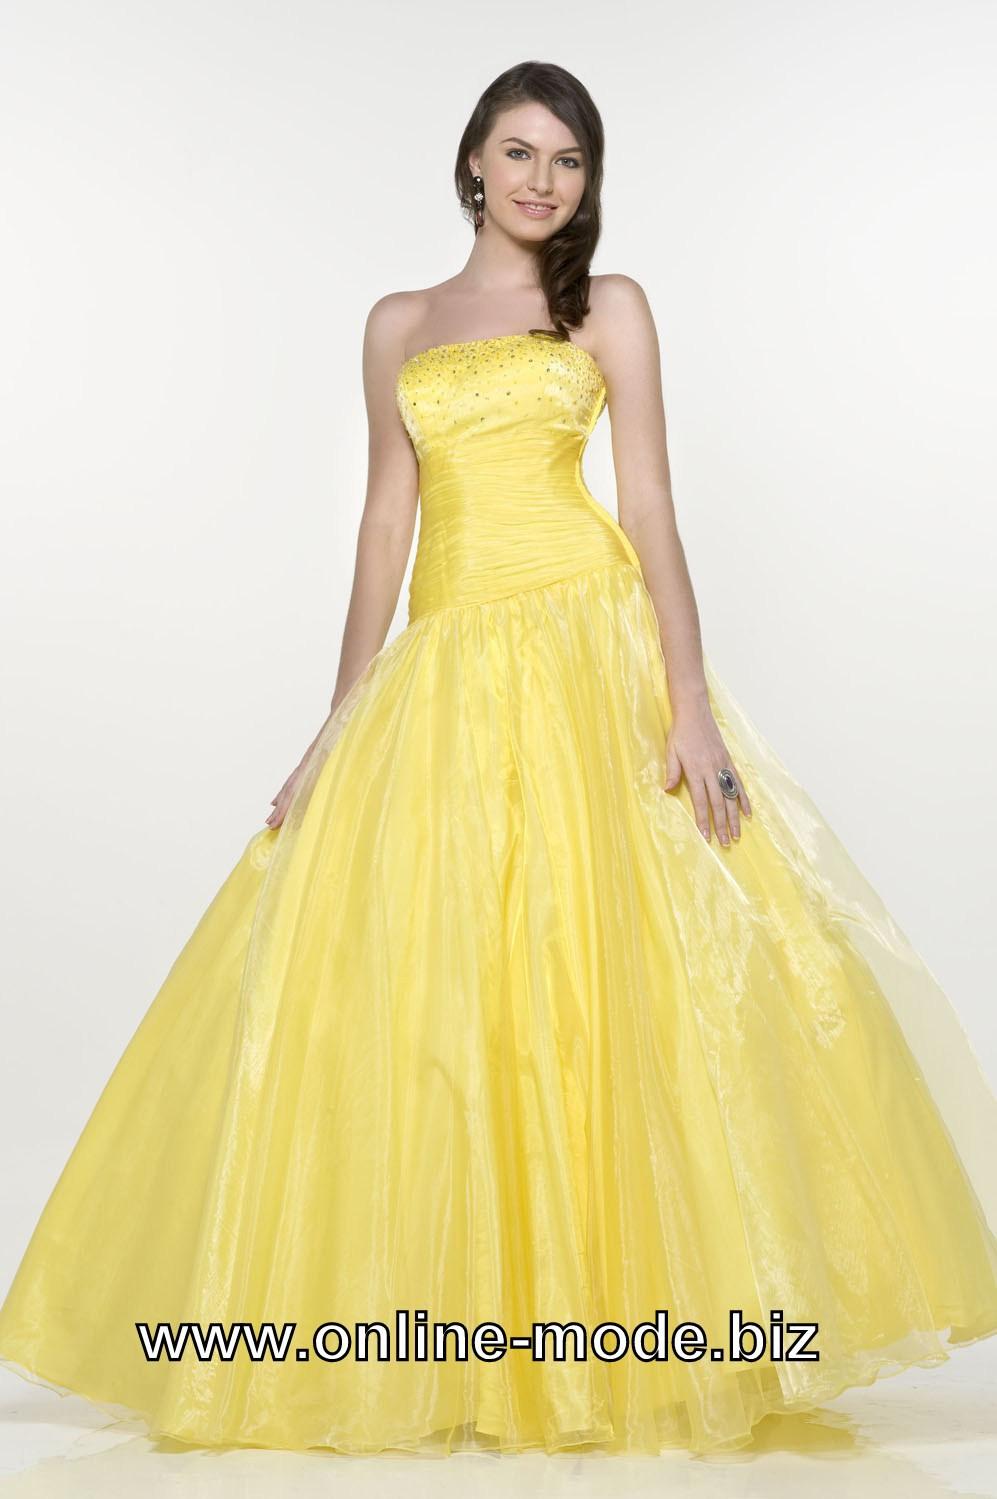 Fantastisch Gelb Abendkleid Vertrieb10 Luxurius Gelb Abendkleid Galerie